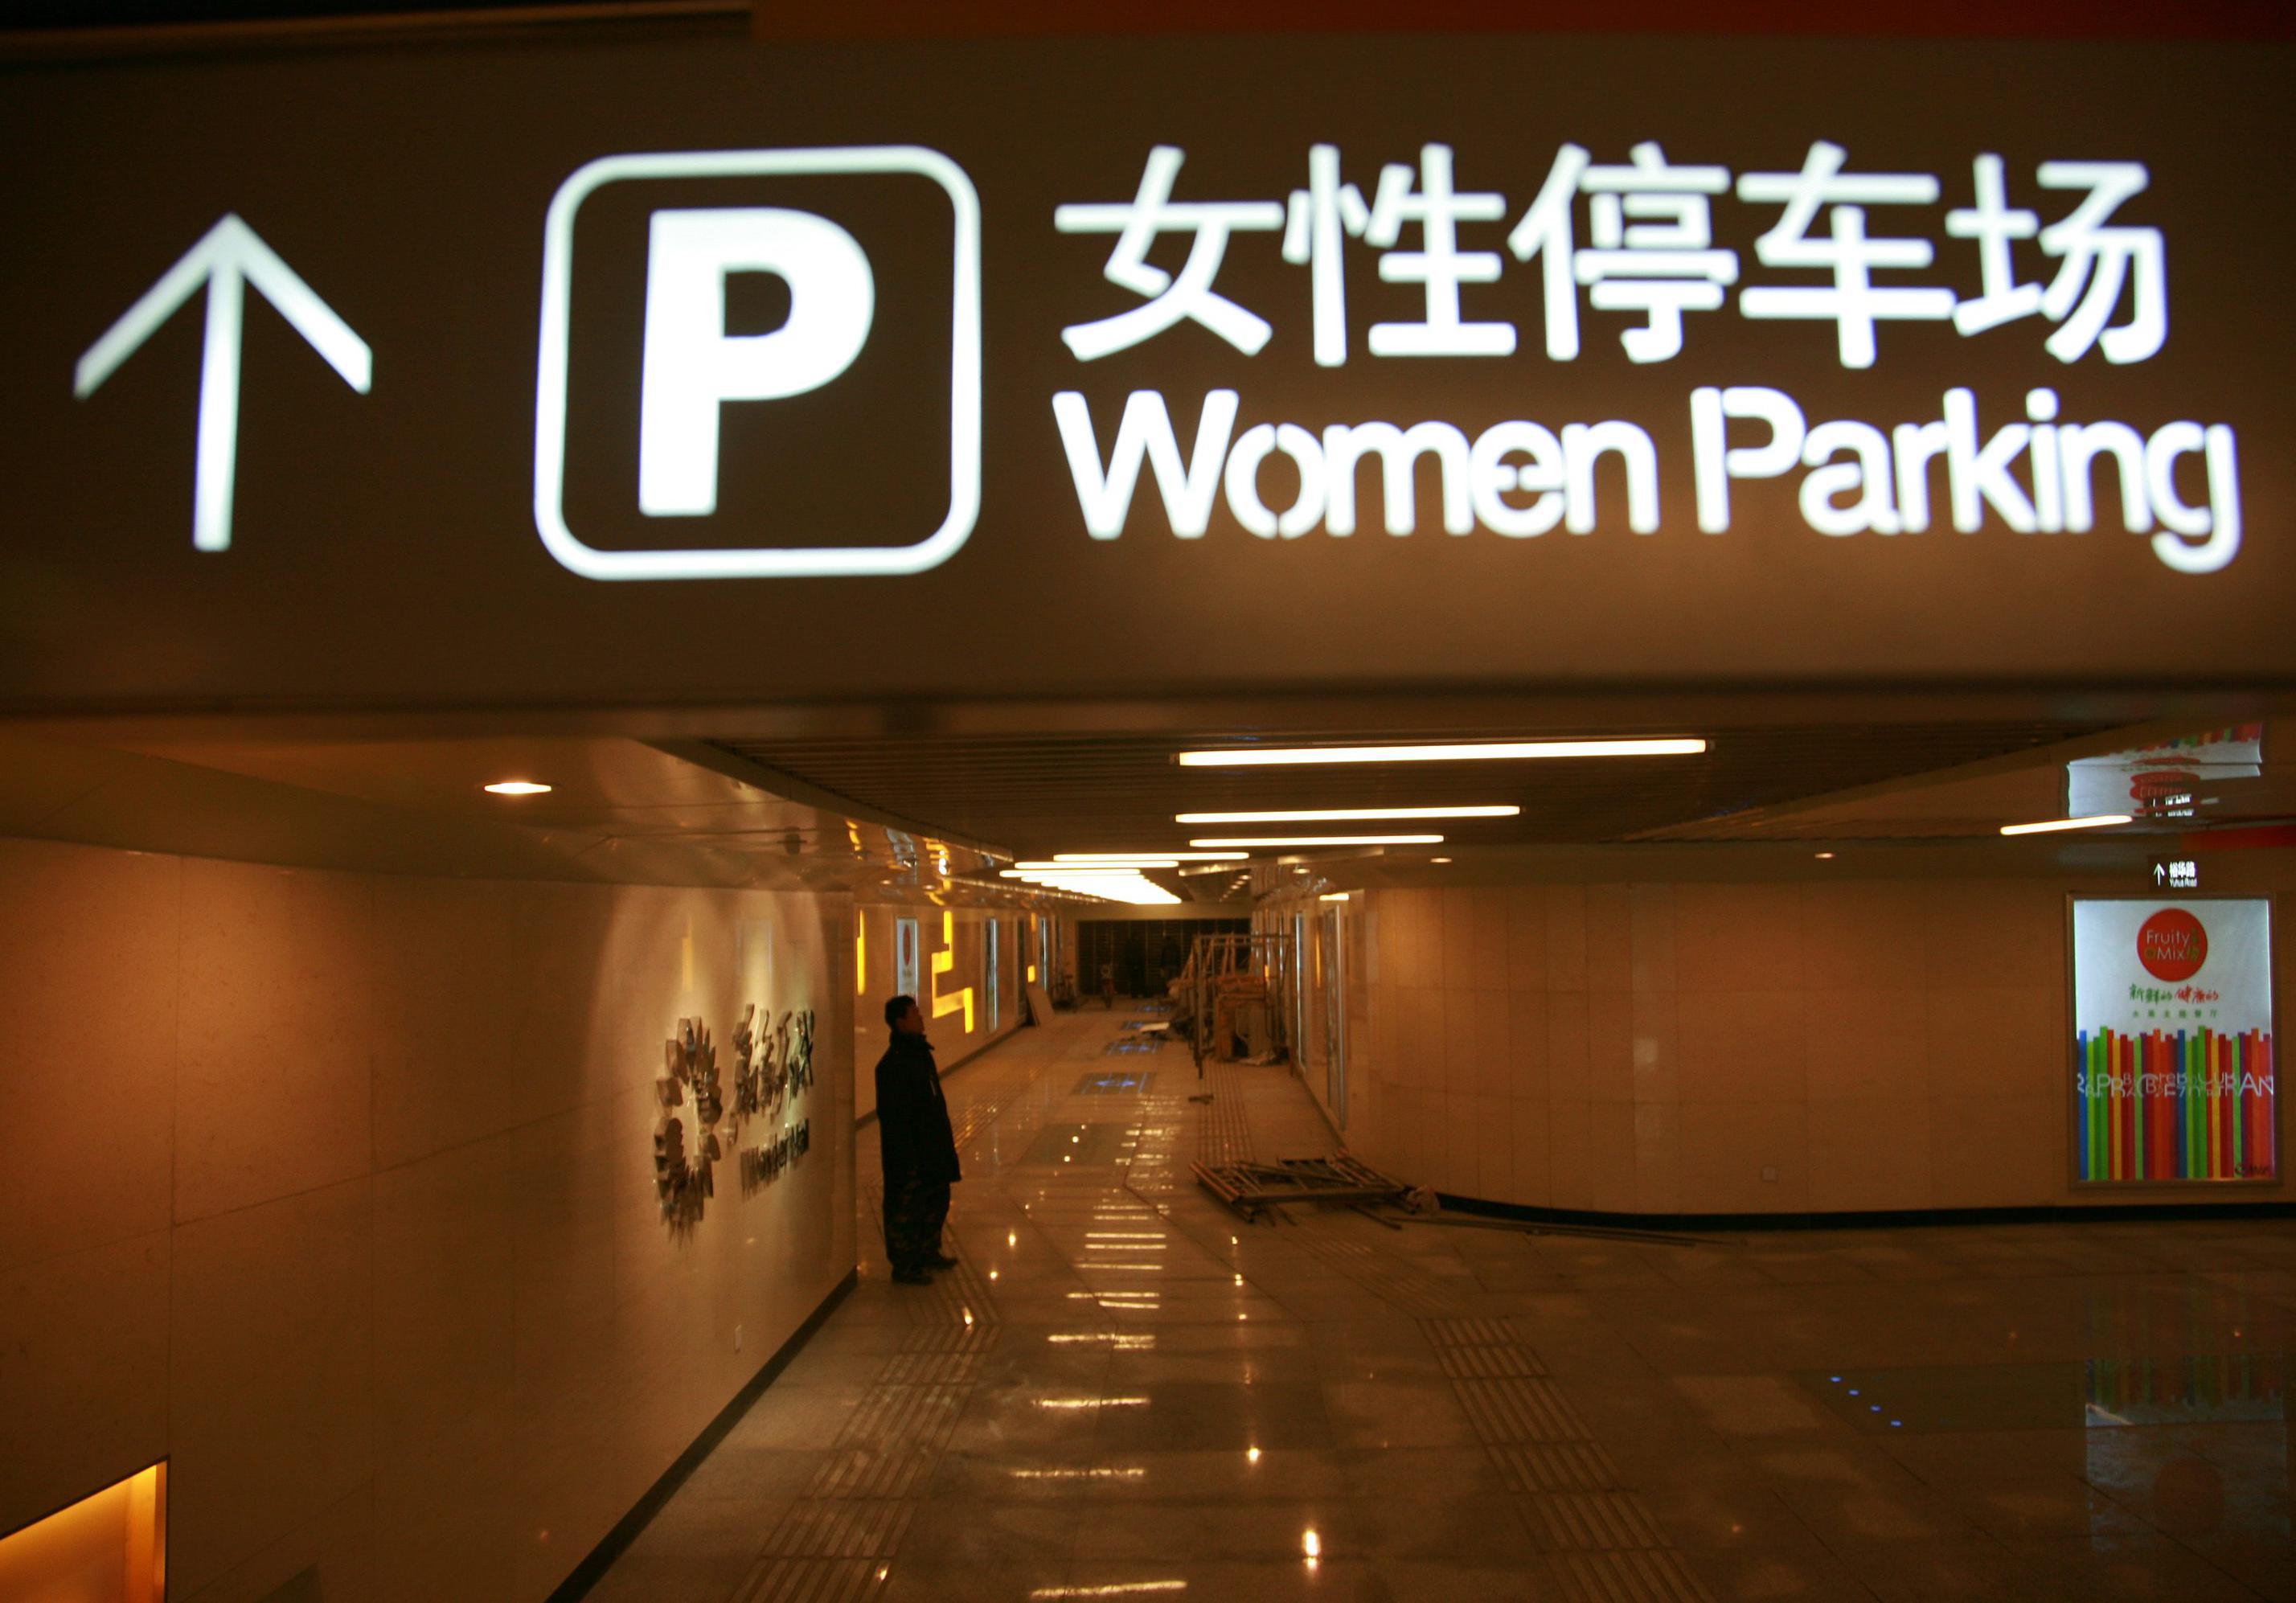 en chine des places de parking r serv es aux femmes font pol mique elle. Black Bedroom Furniture Sets. Home Design Ideas